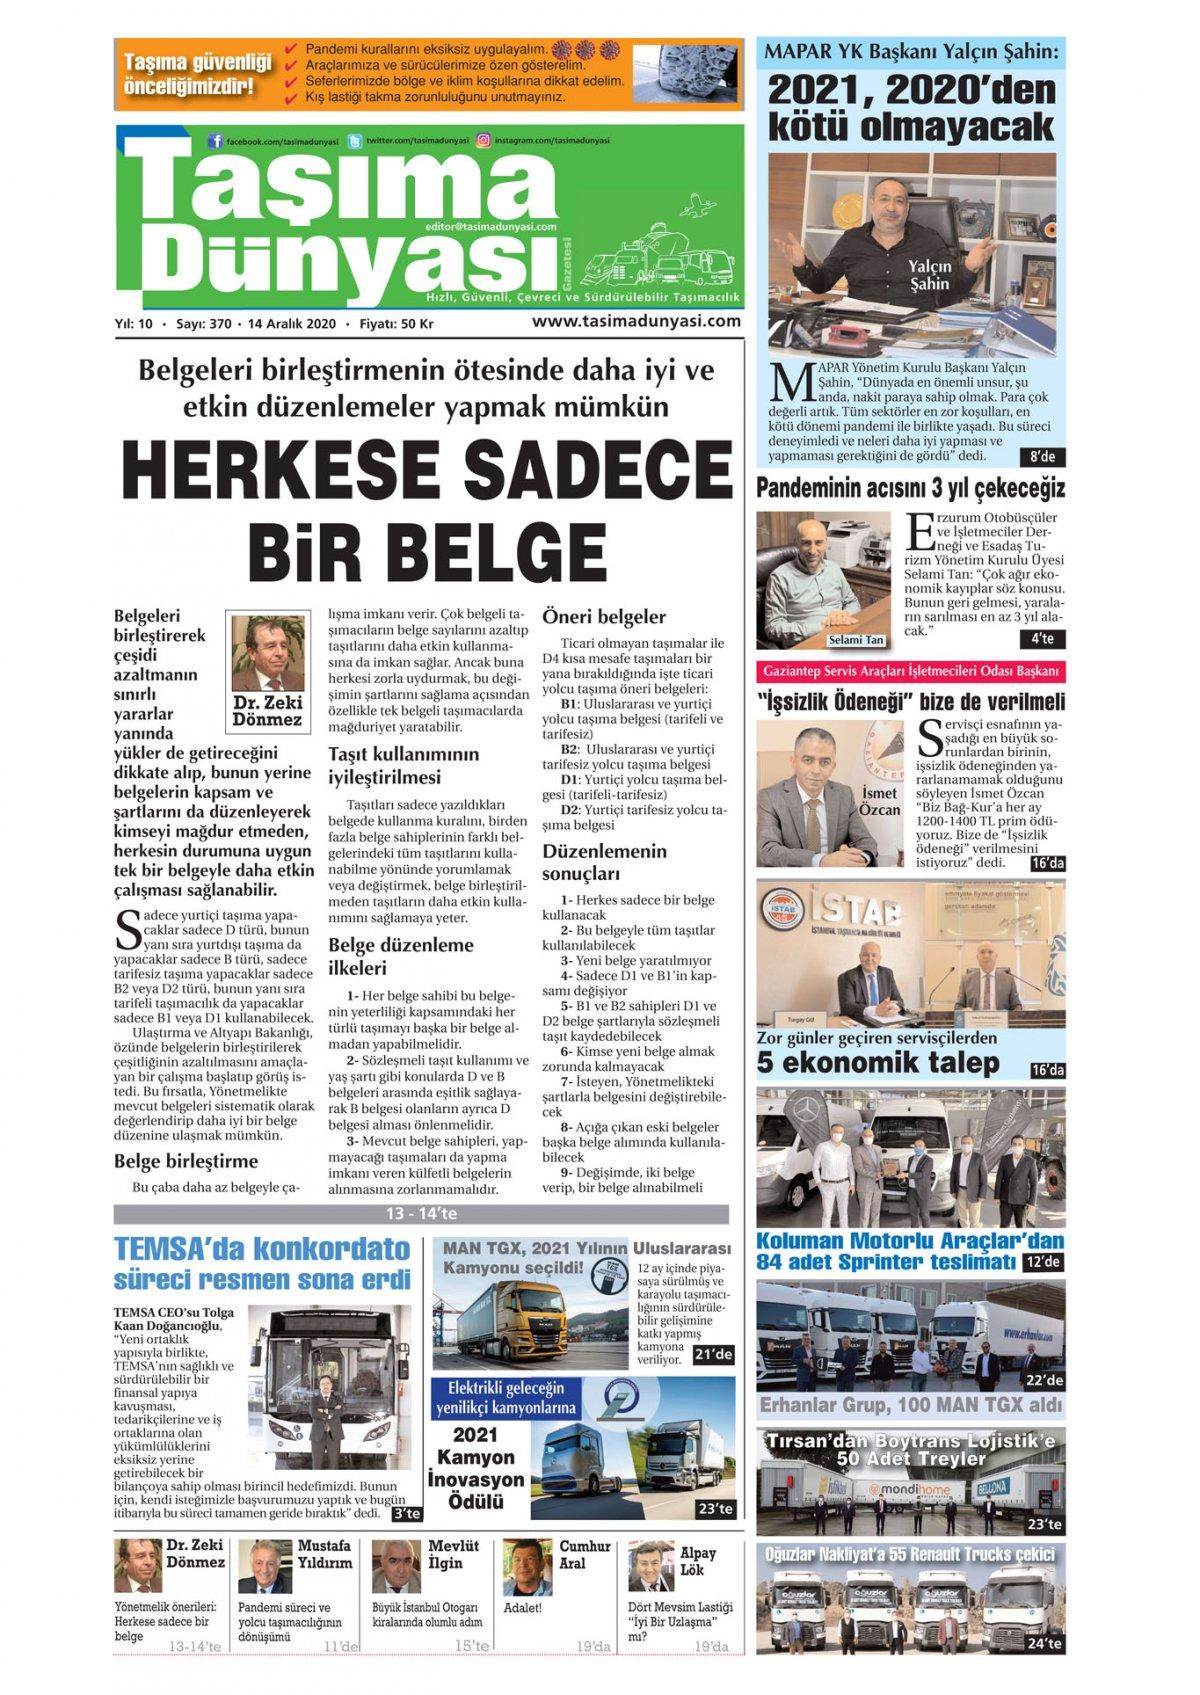 Taşıma Dünyası Gazetesi - 14.12.2020 Manşeti